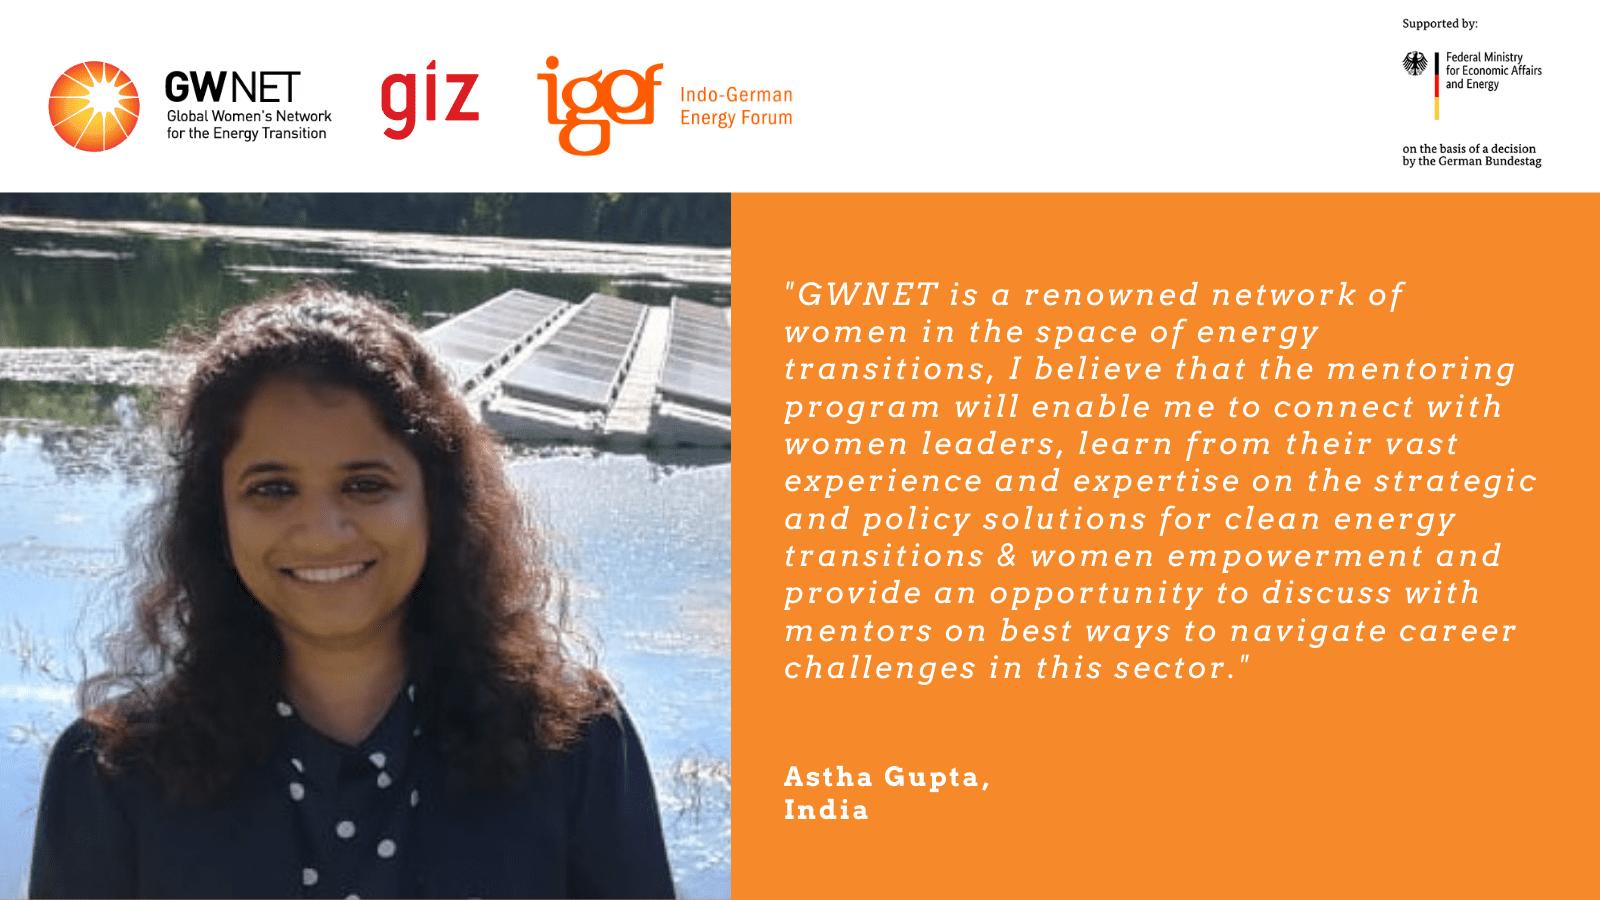 Astha Gupta quote